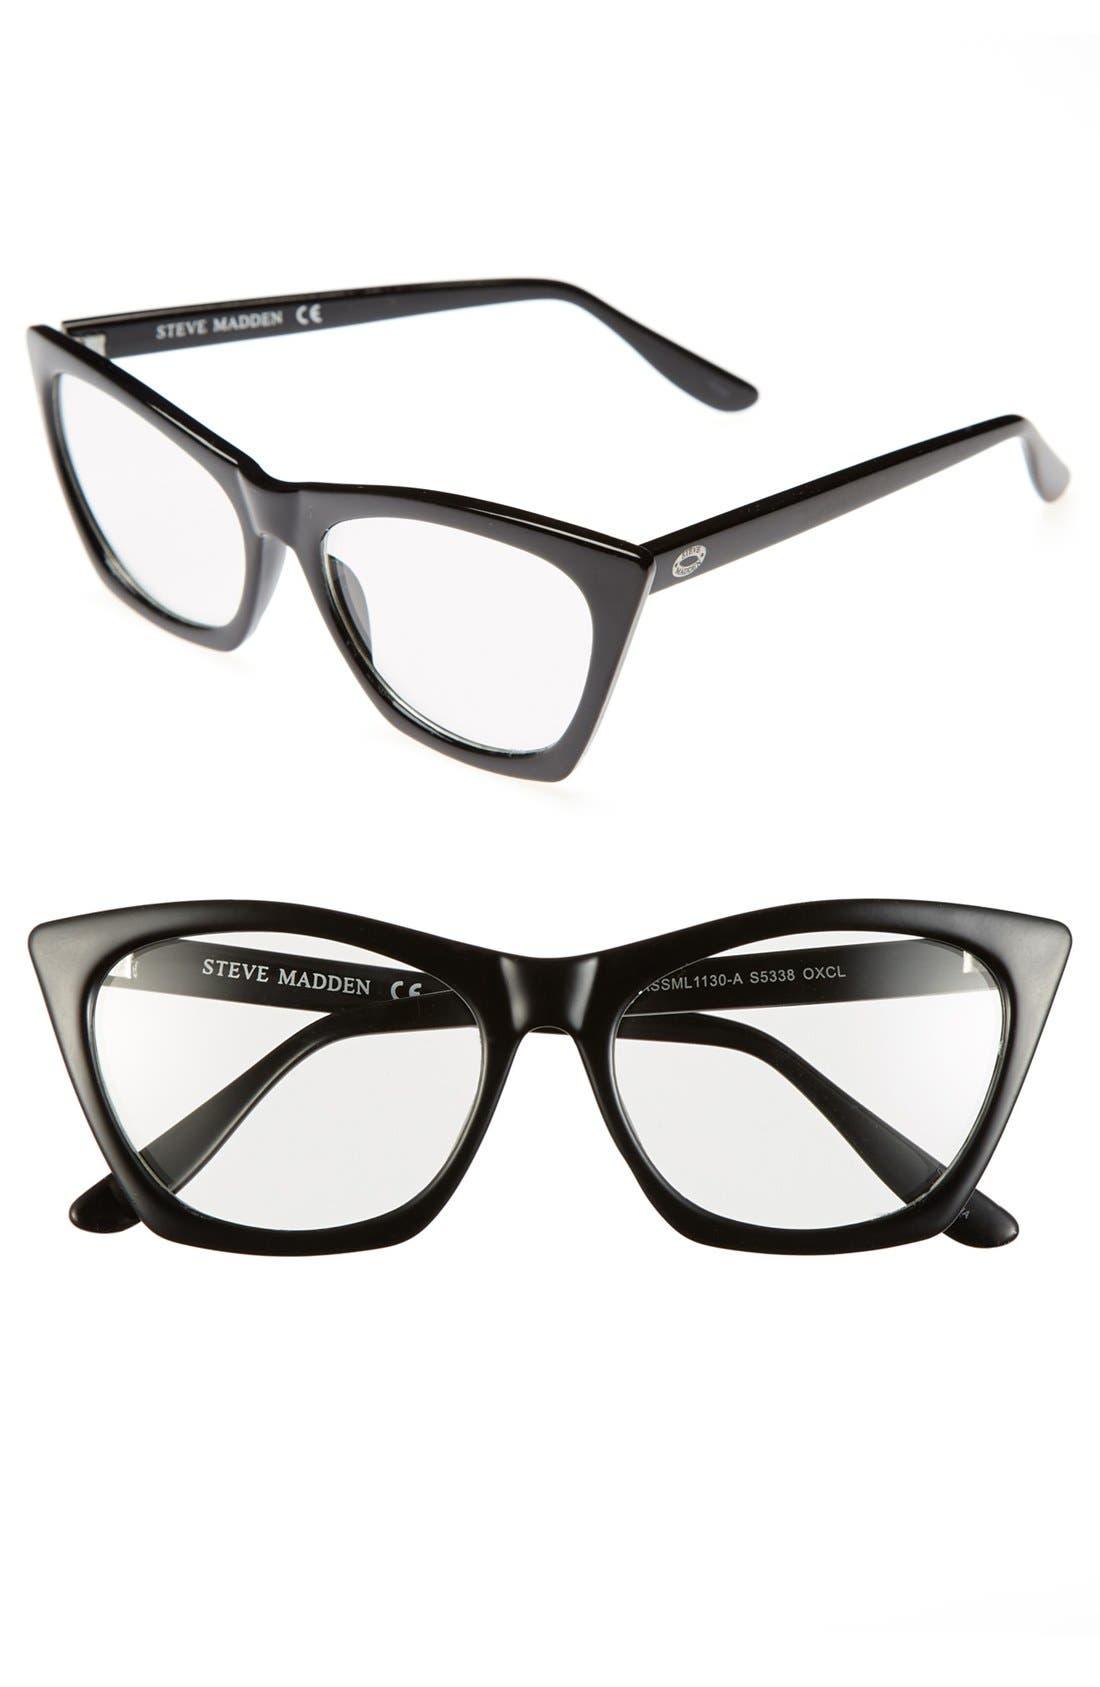 Main Image - Steve Madden Retro Fashion Glasses